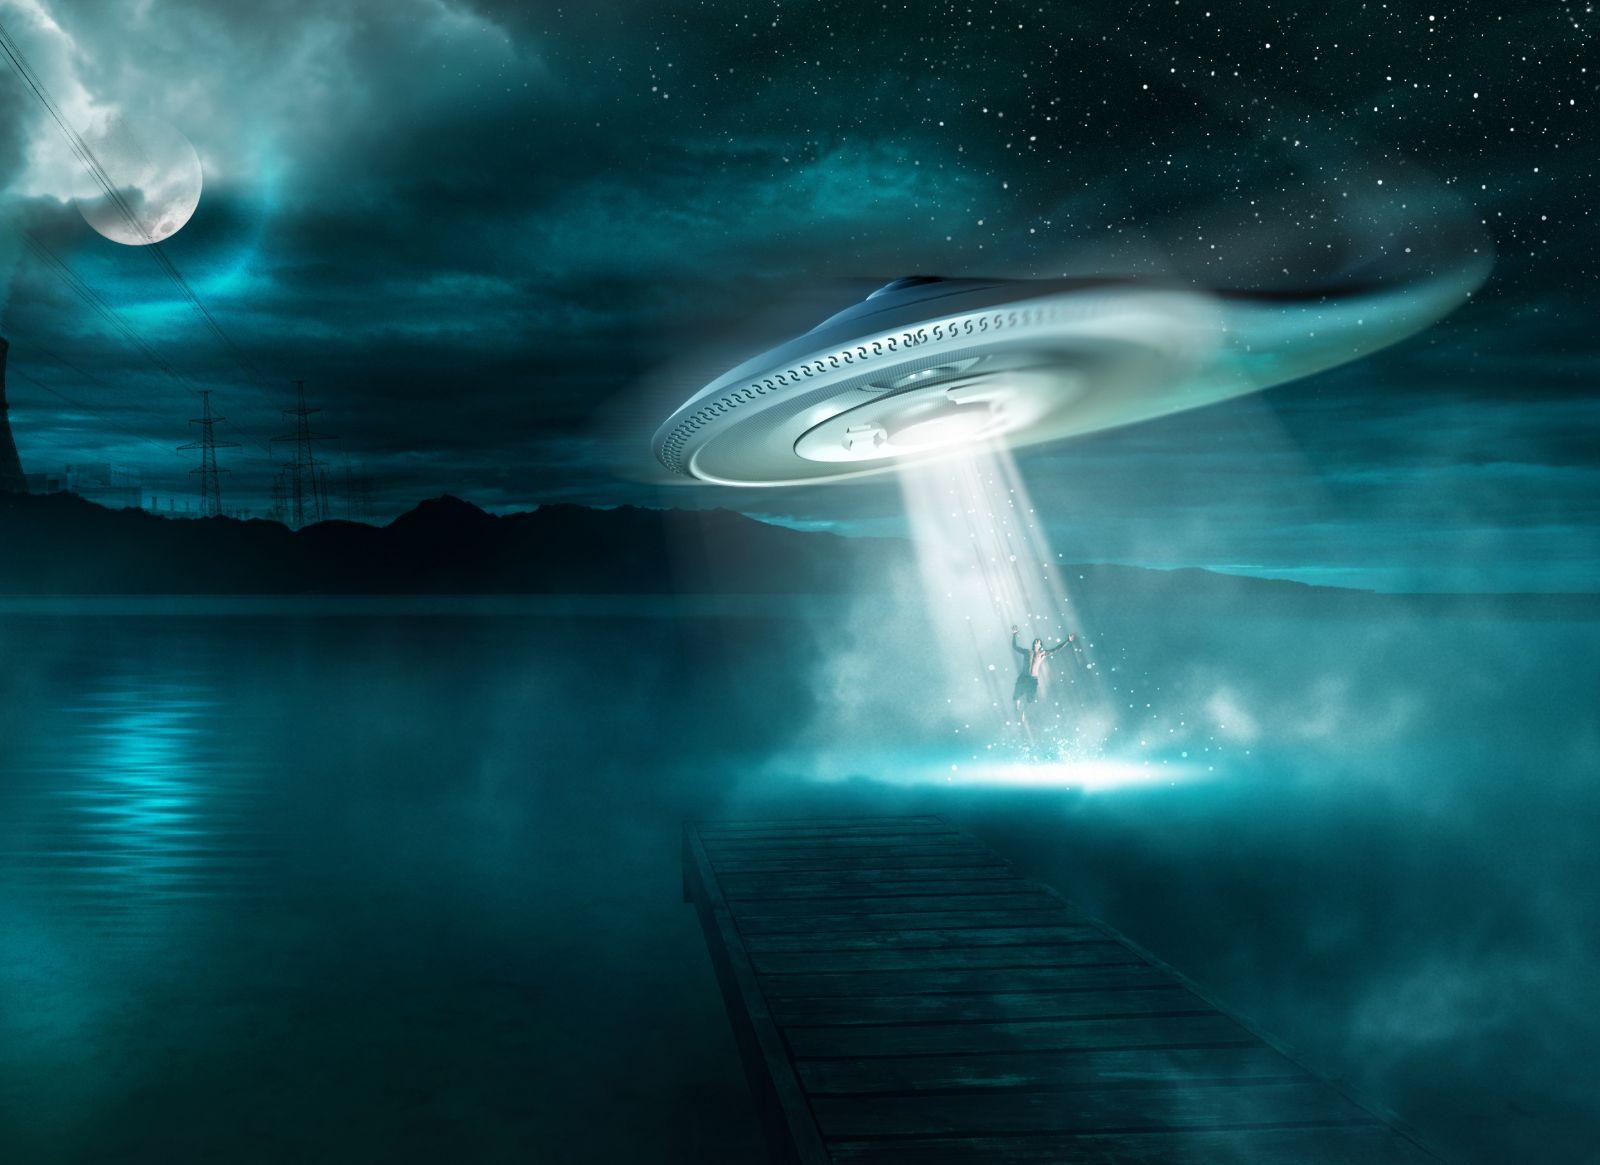 Инопланетянам можно позвонить по телефону